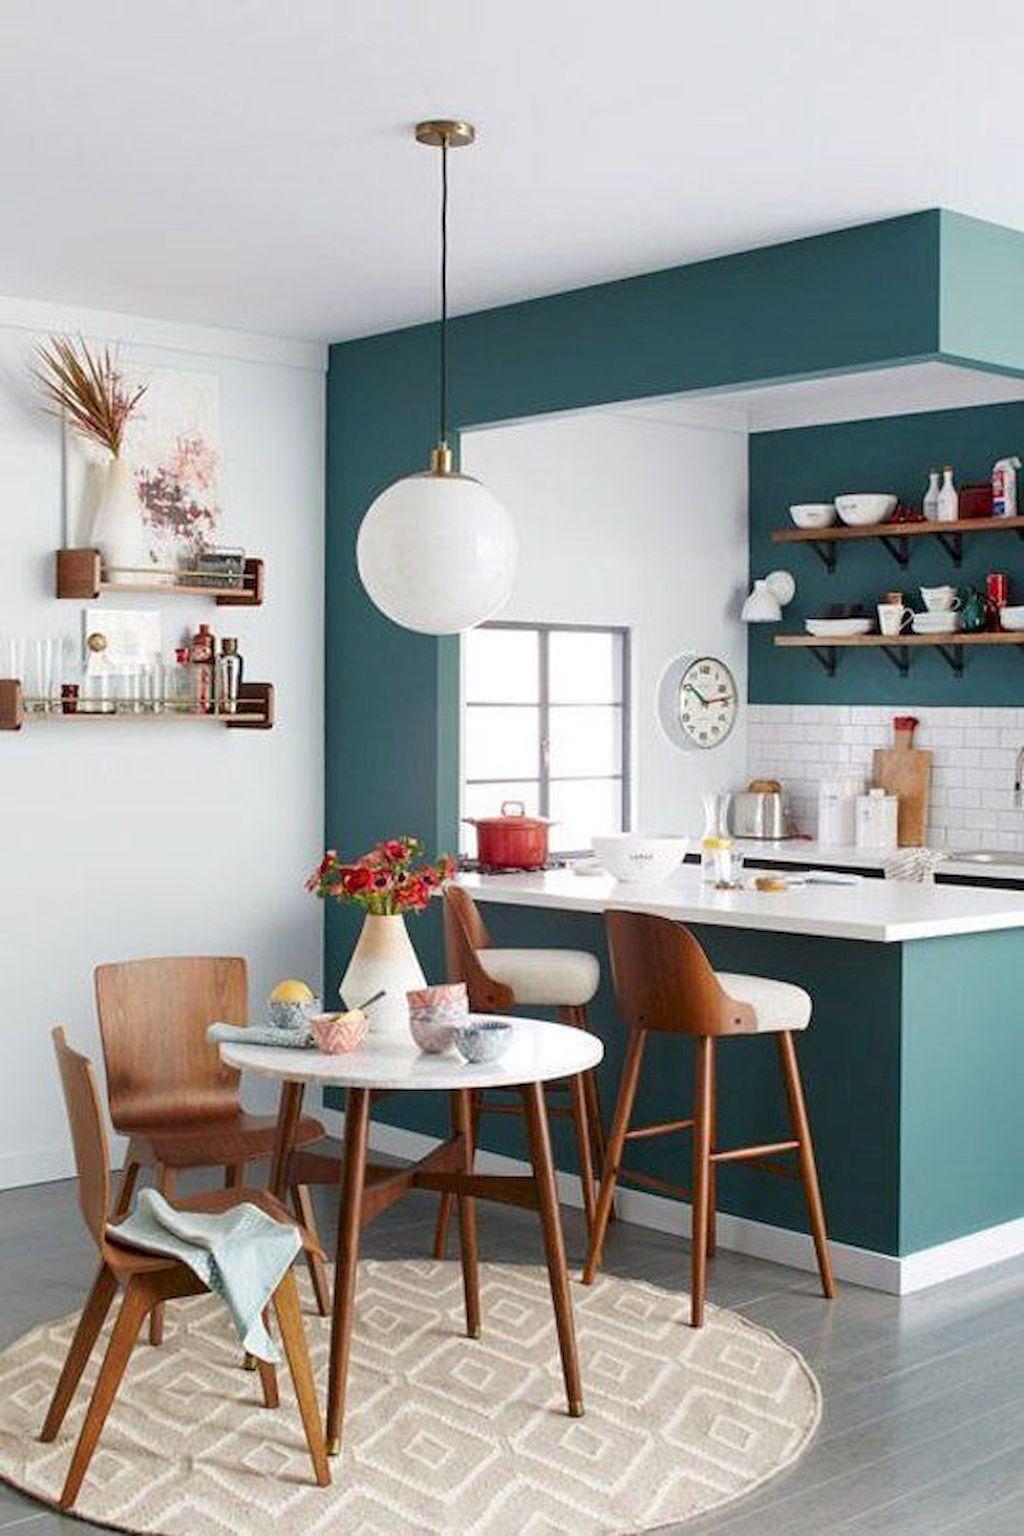 Cocina pequeña barra salon | - Decoration - Decoración - | Pinterest ...